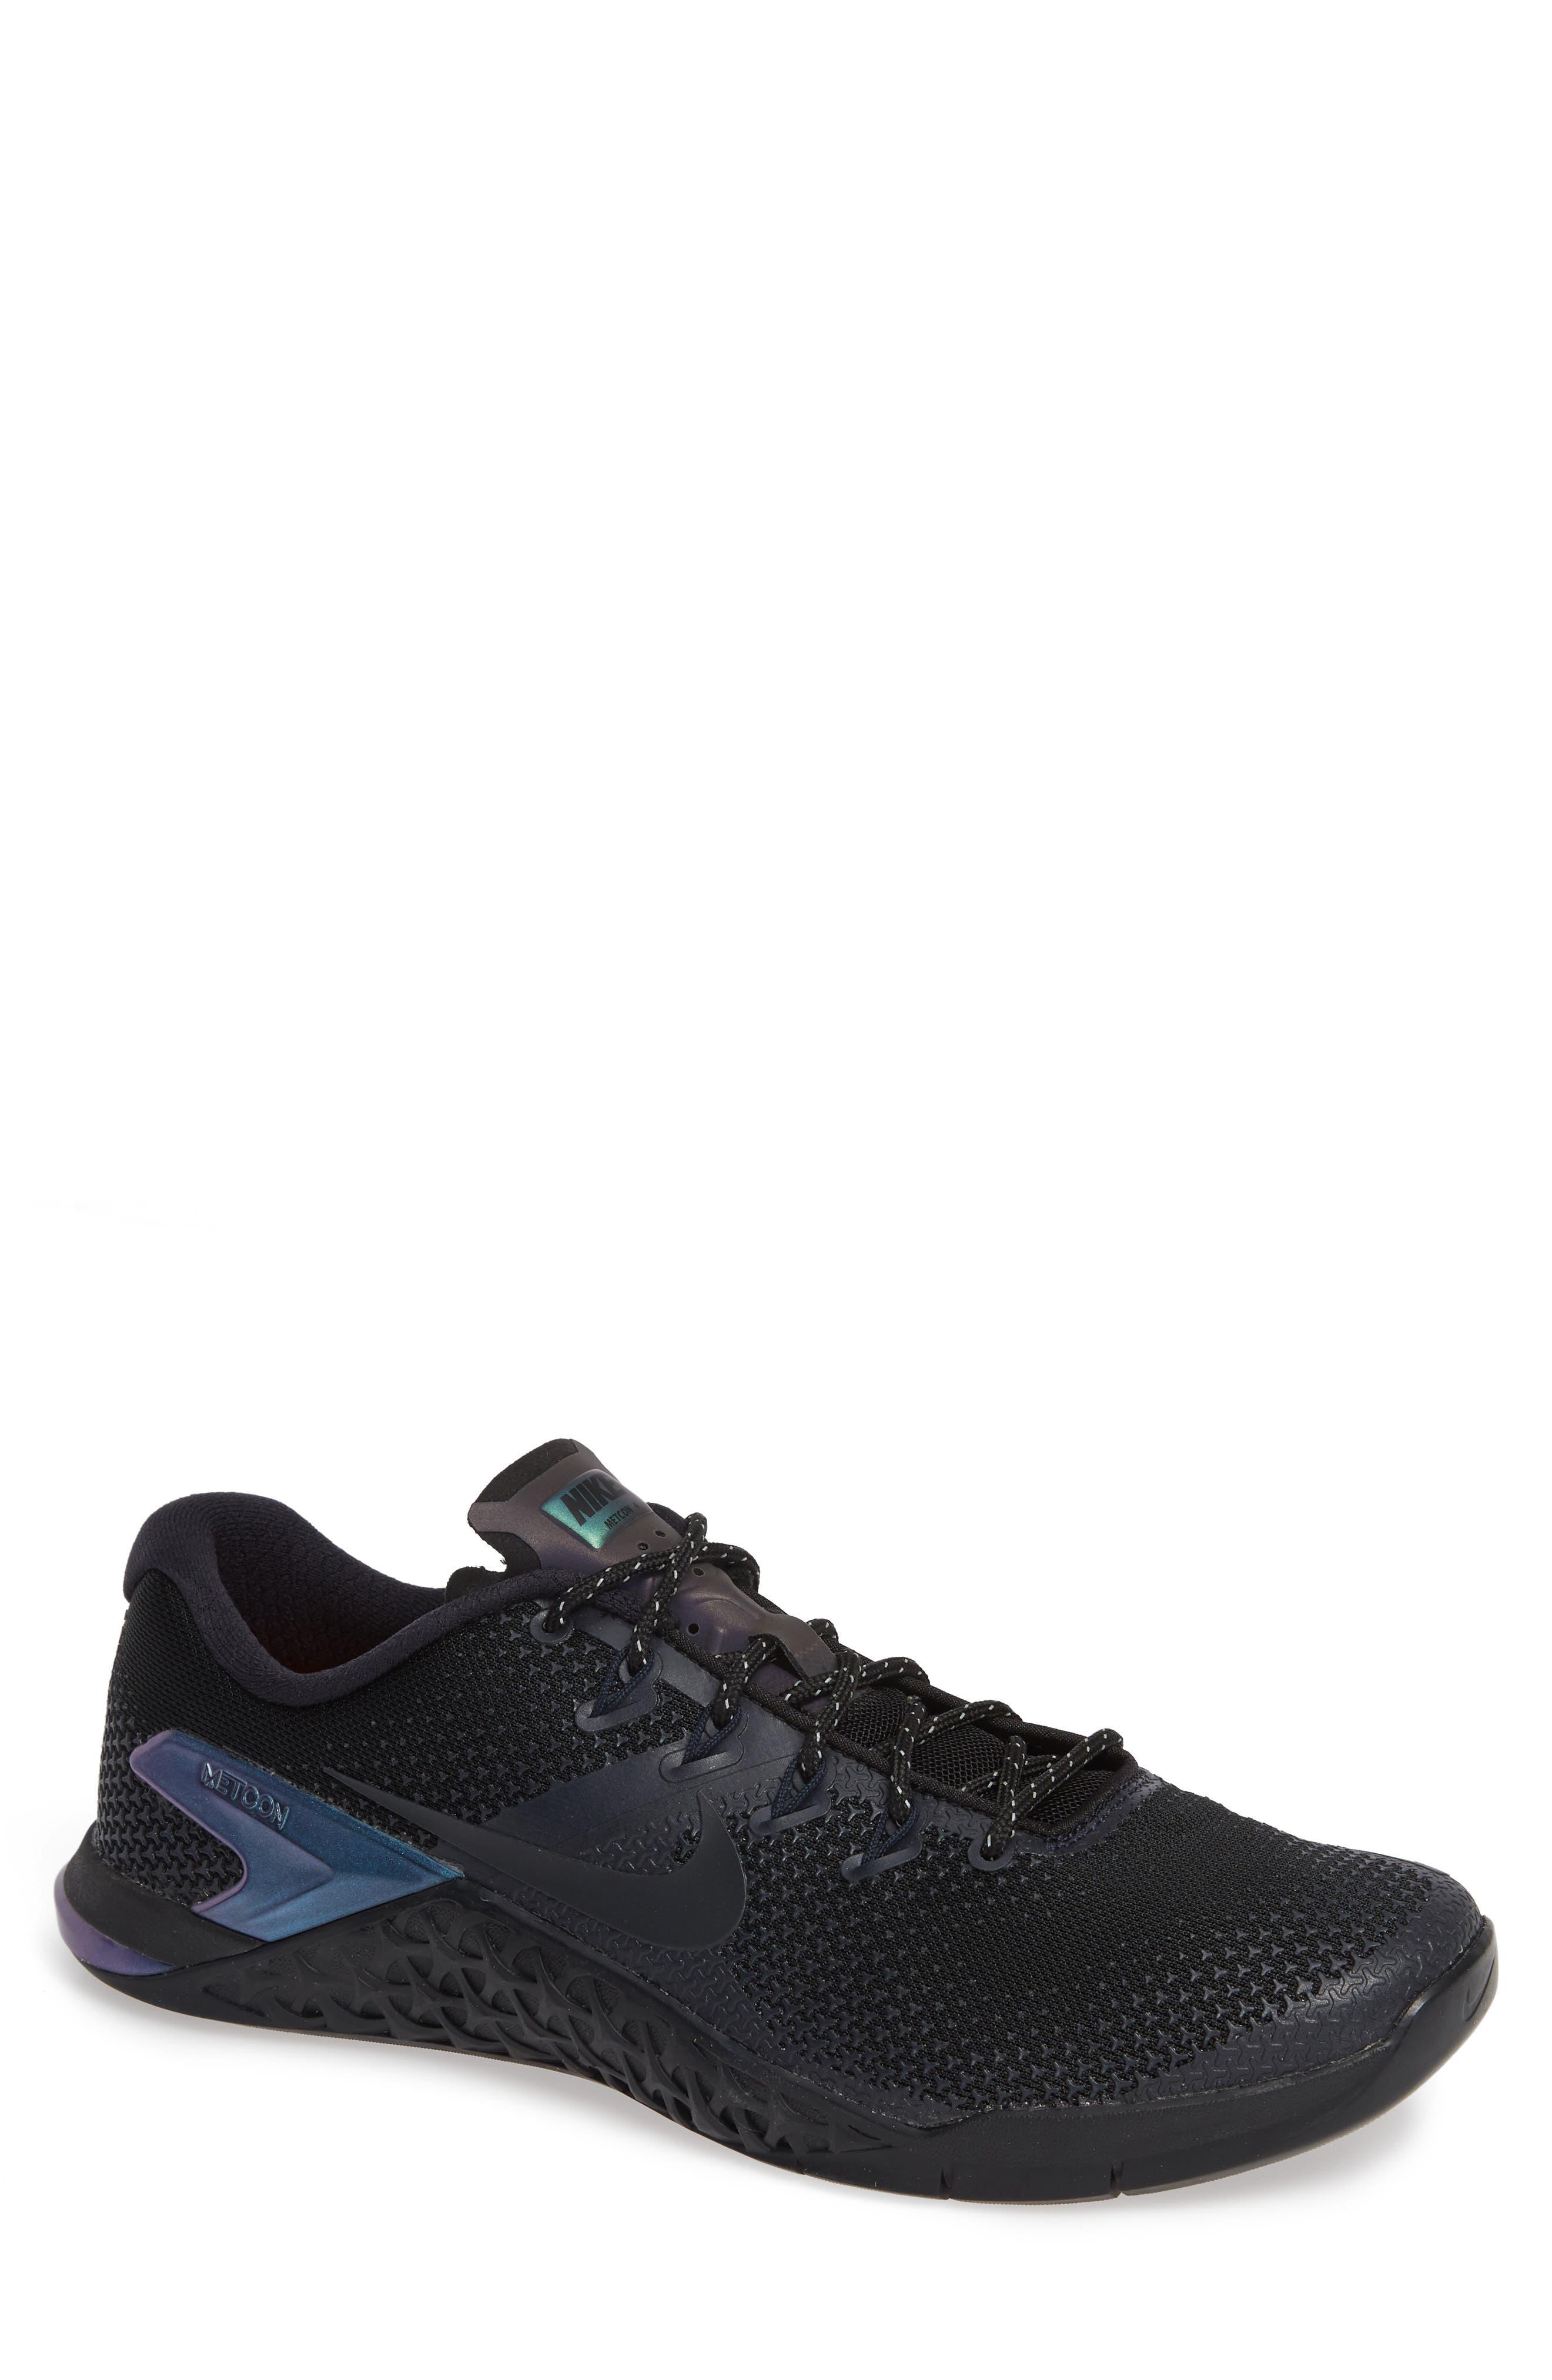 NIKE Metcon 4 Prem Training Shoe, Main, color, BLACK/ BLACK/ DARK OBSIDIAN